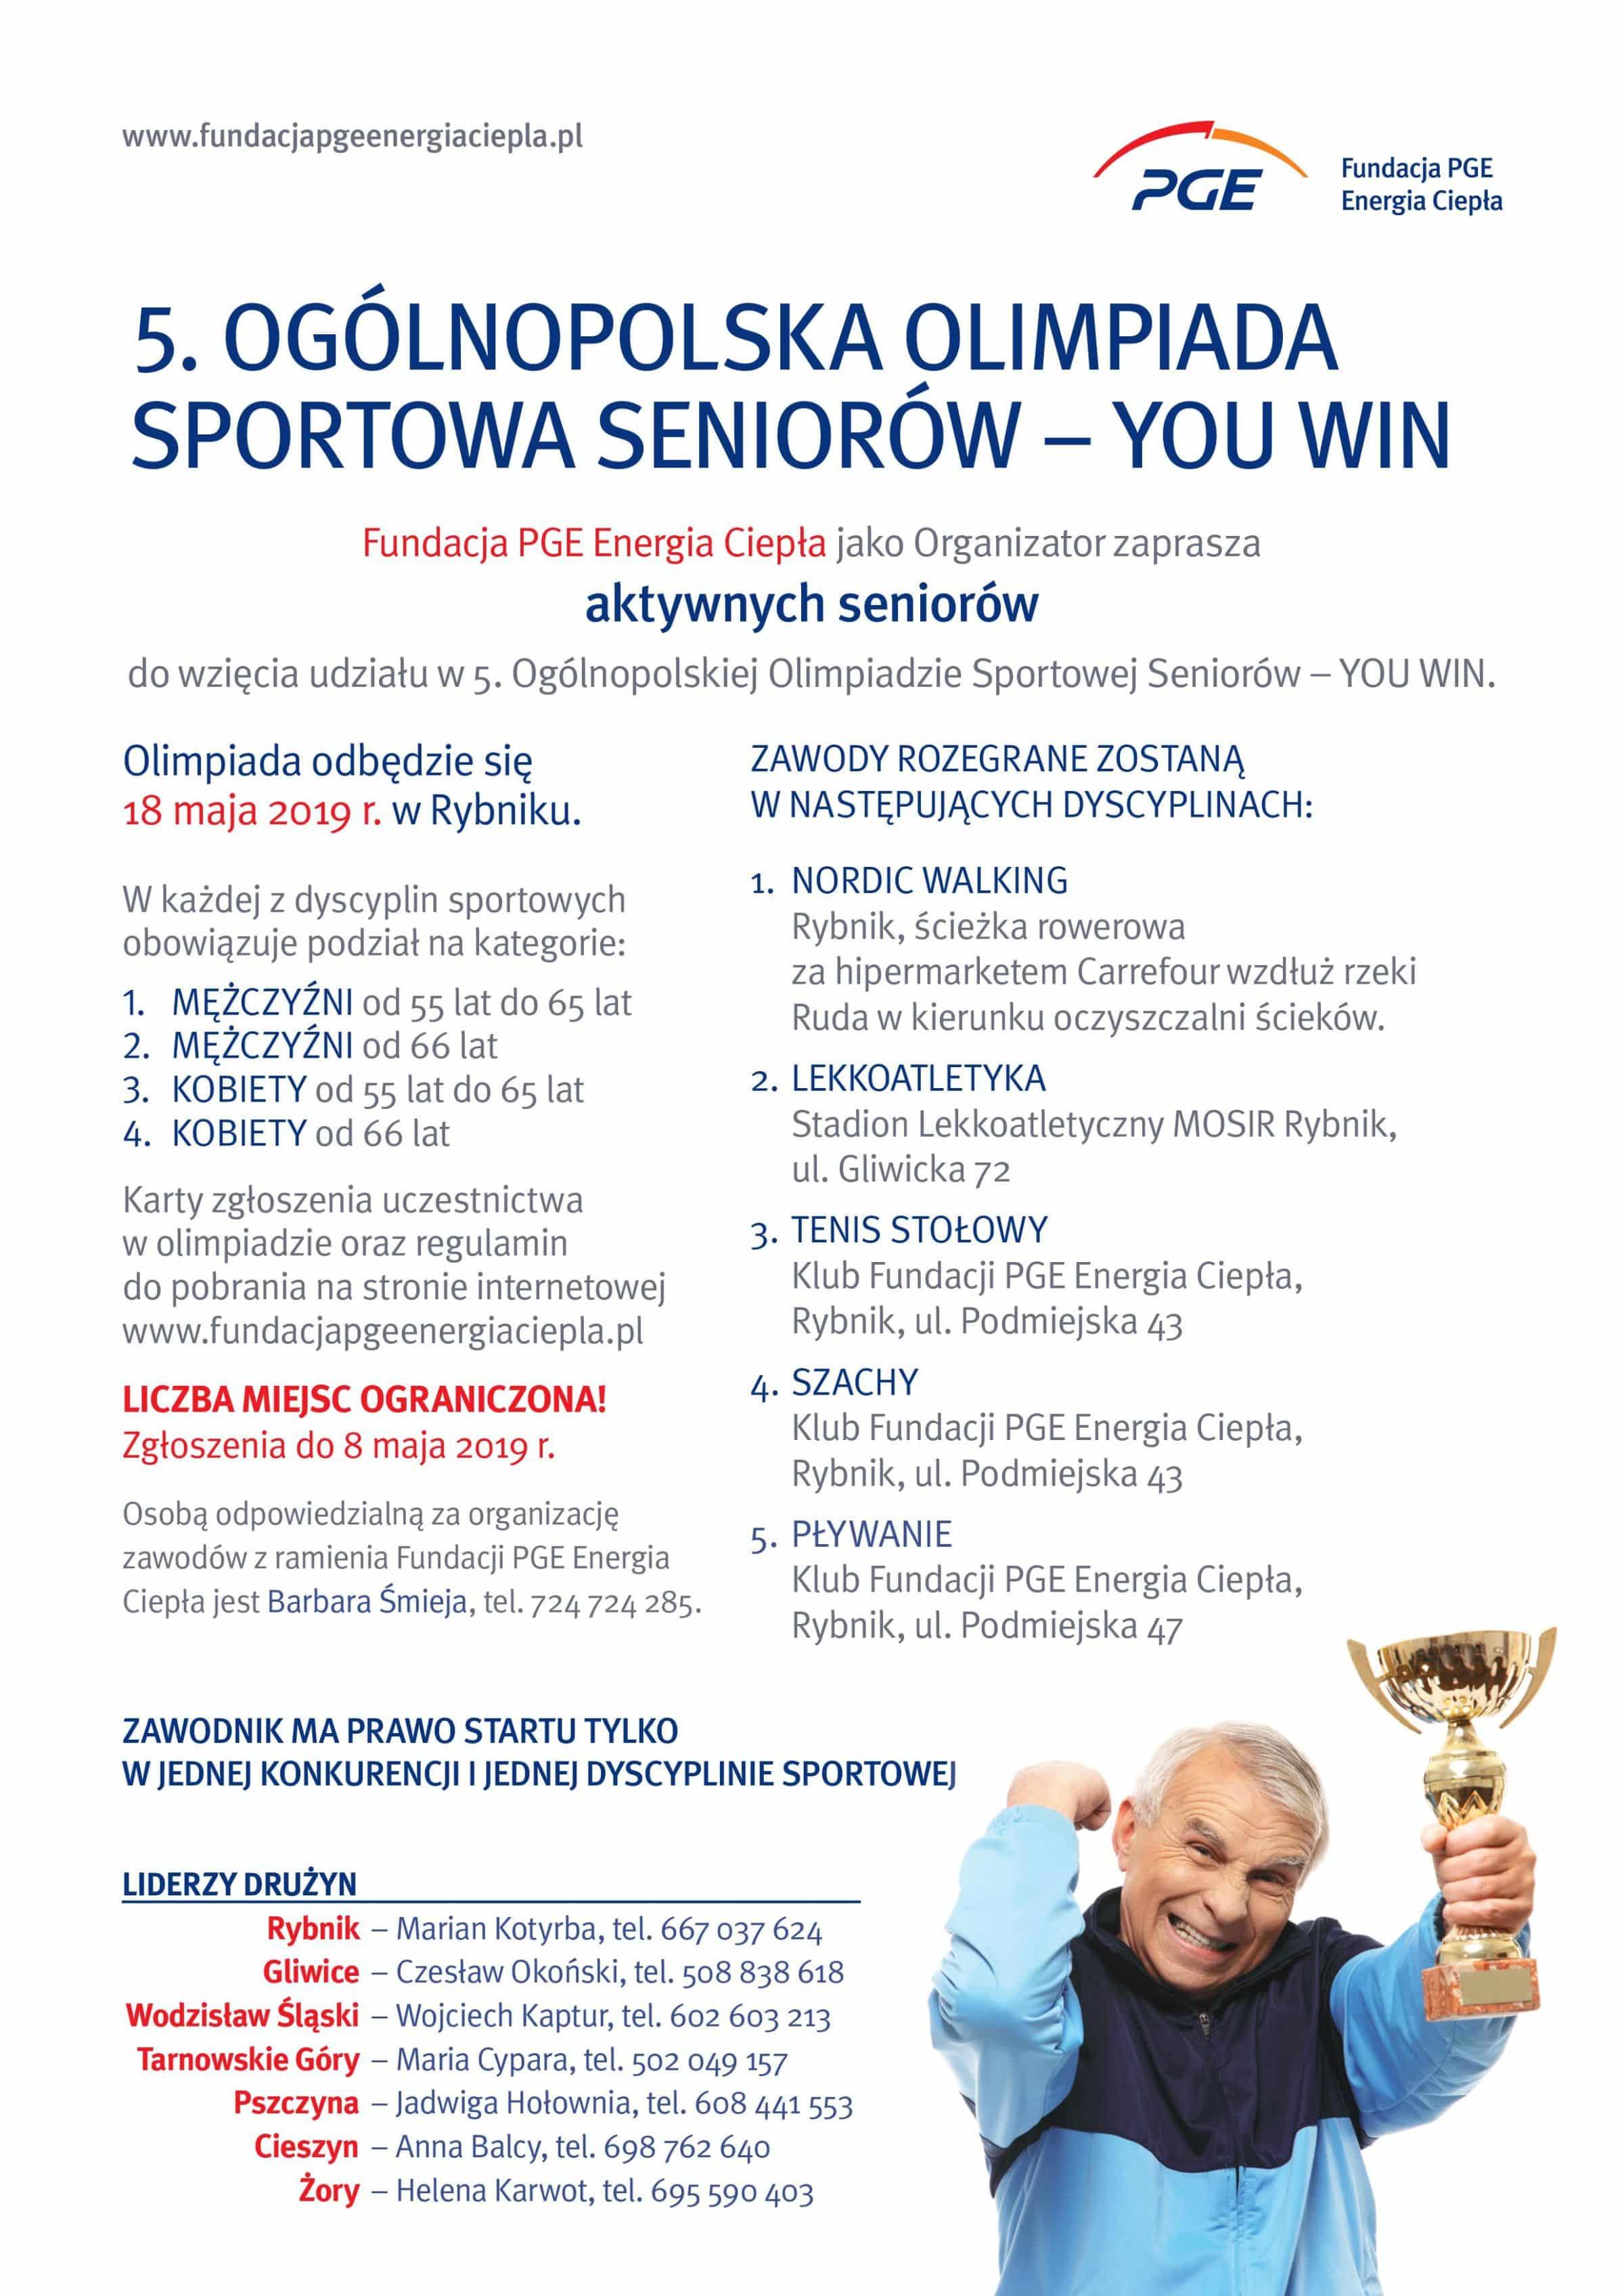 5. Ogólnopolska Olimpiada Sportowa Seniorów – You Win